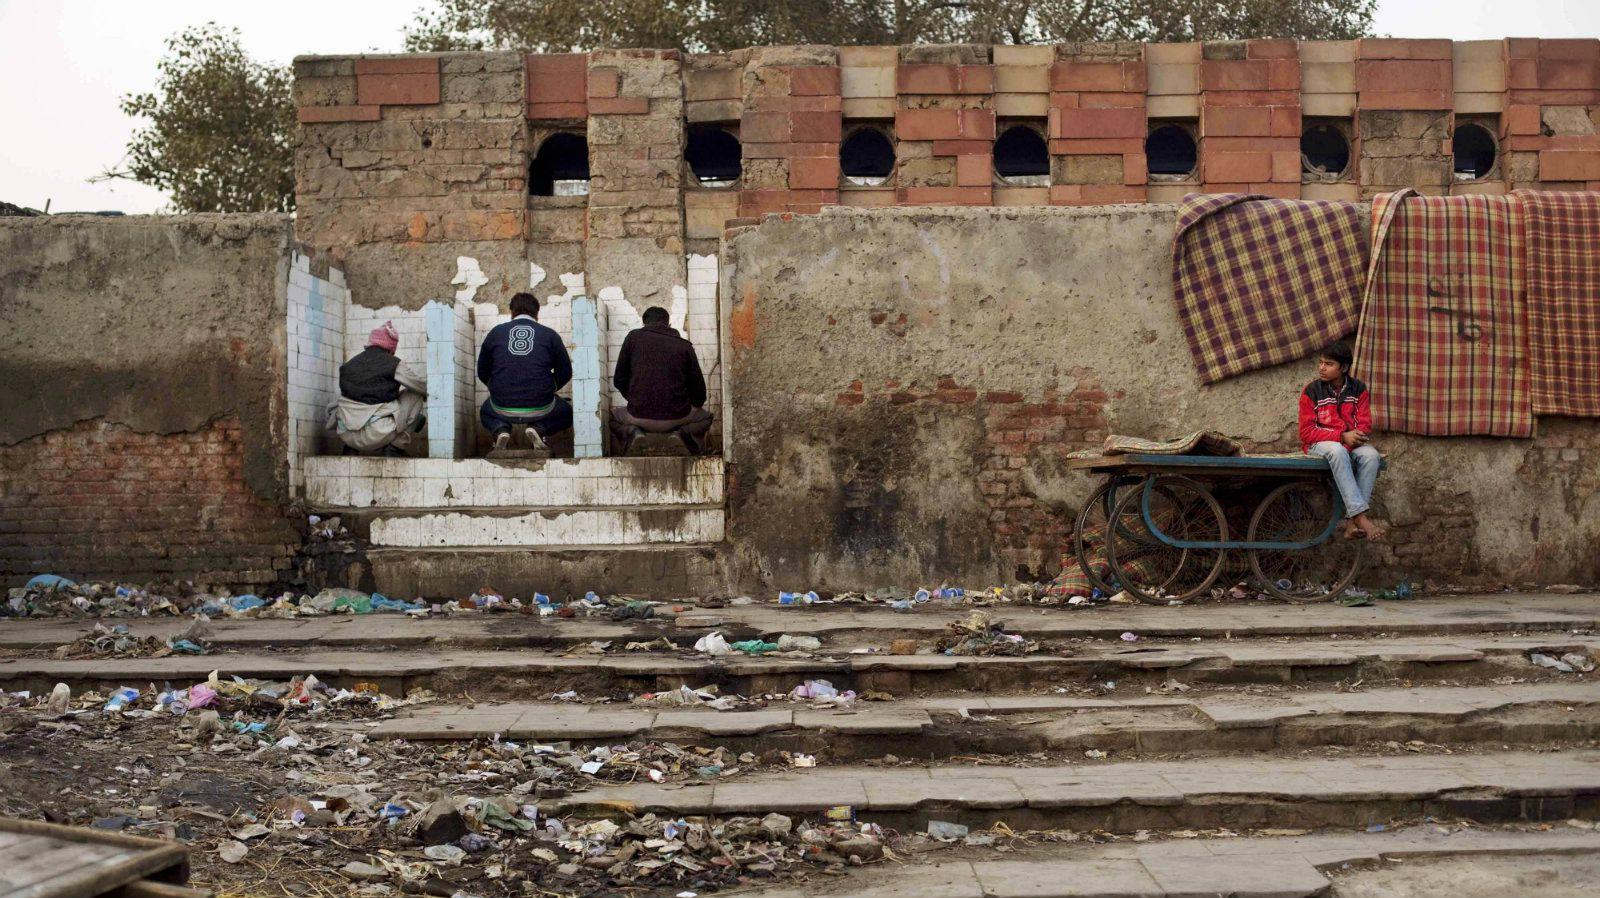 3 men in dirty, open public toilets